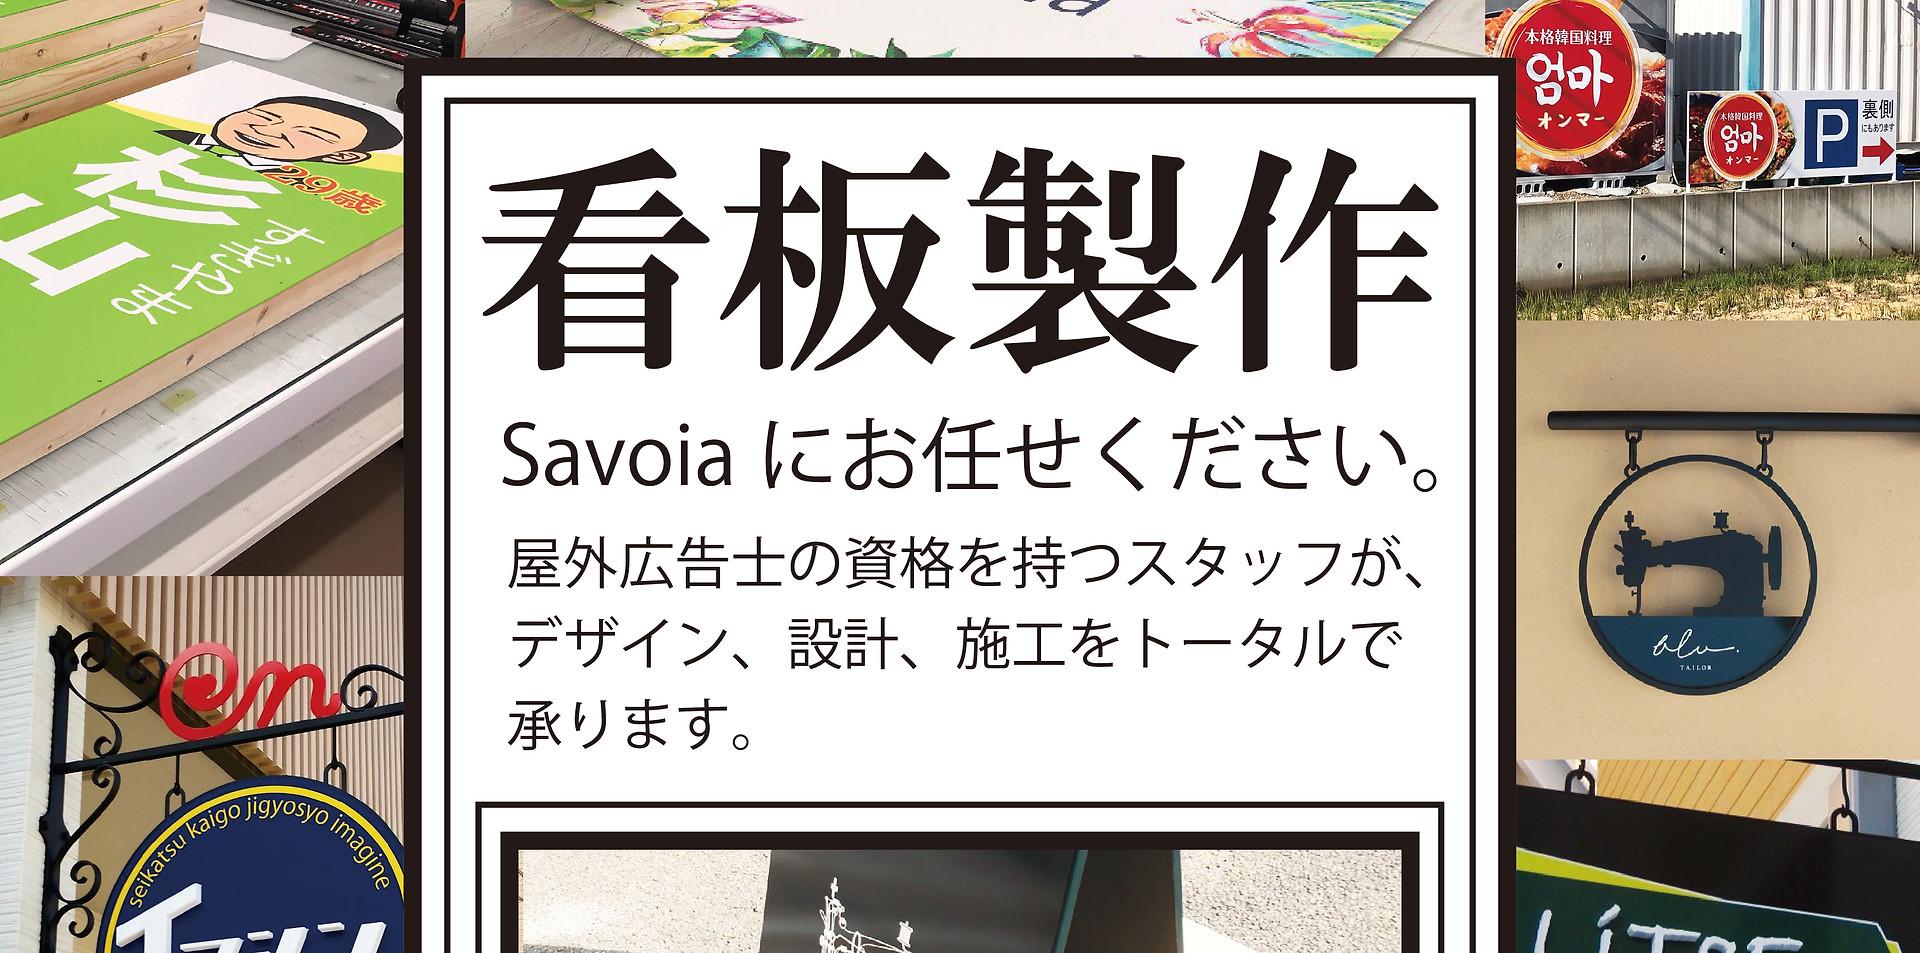 稲沢 看板 サボイア savoia デザイン